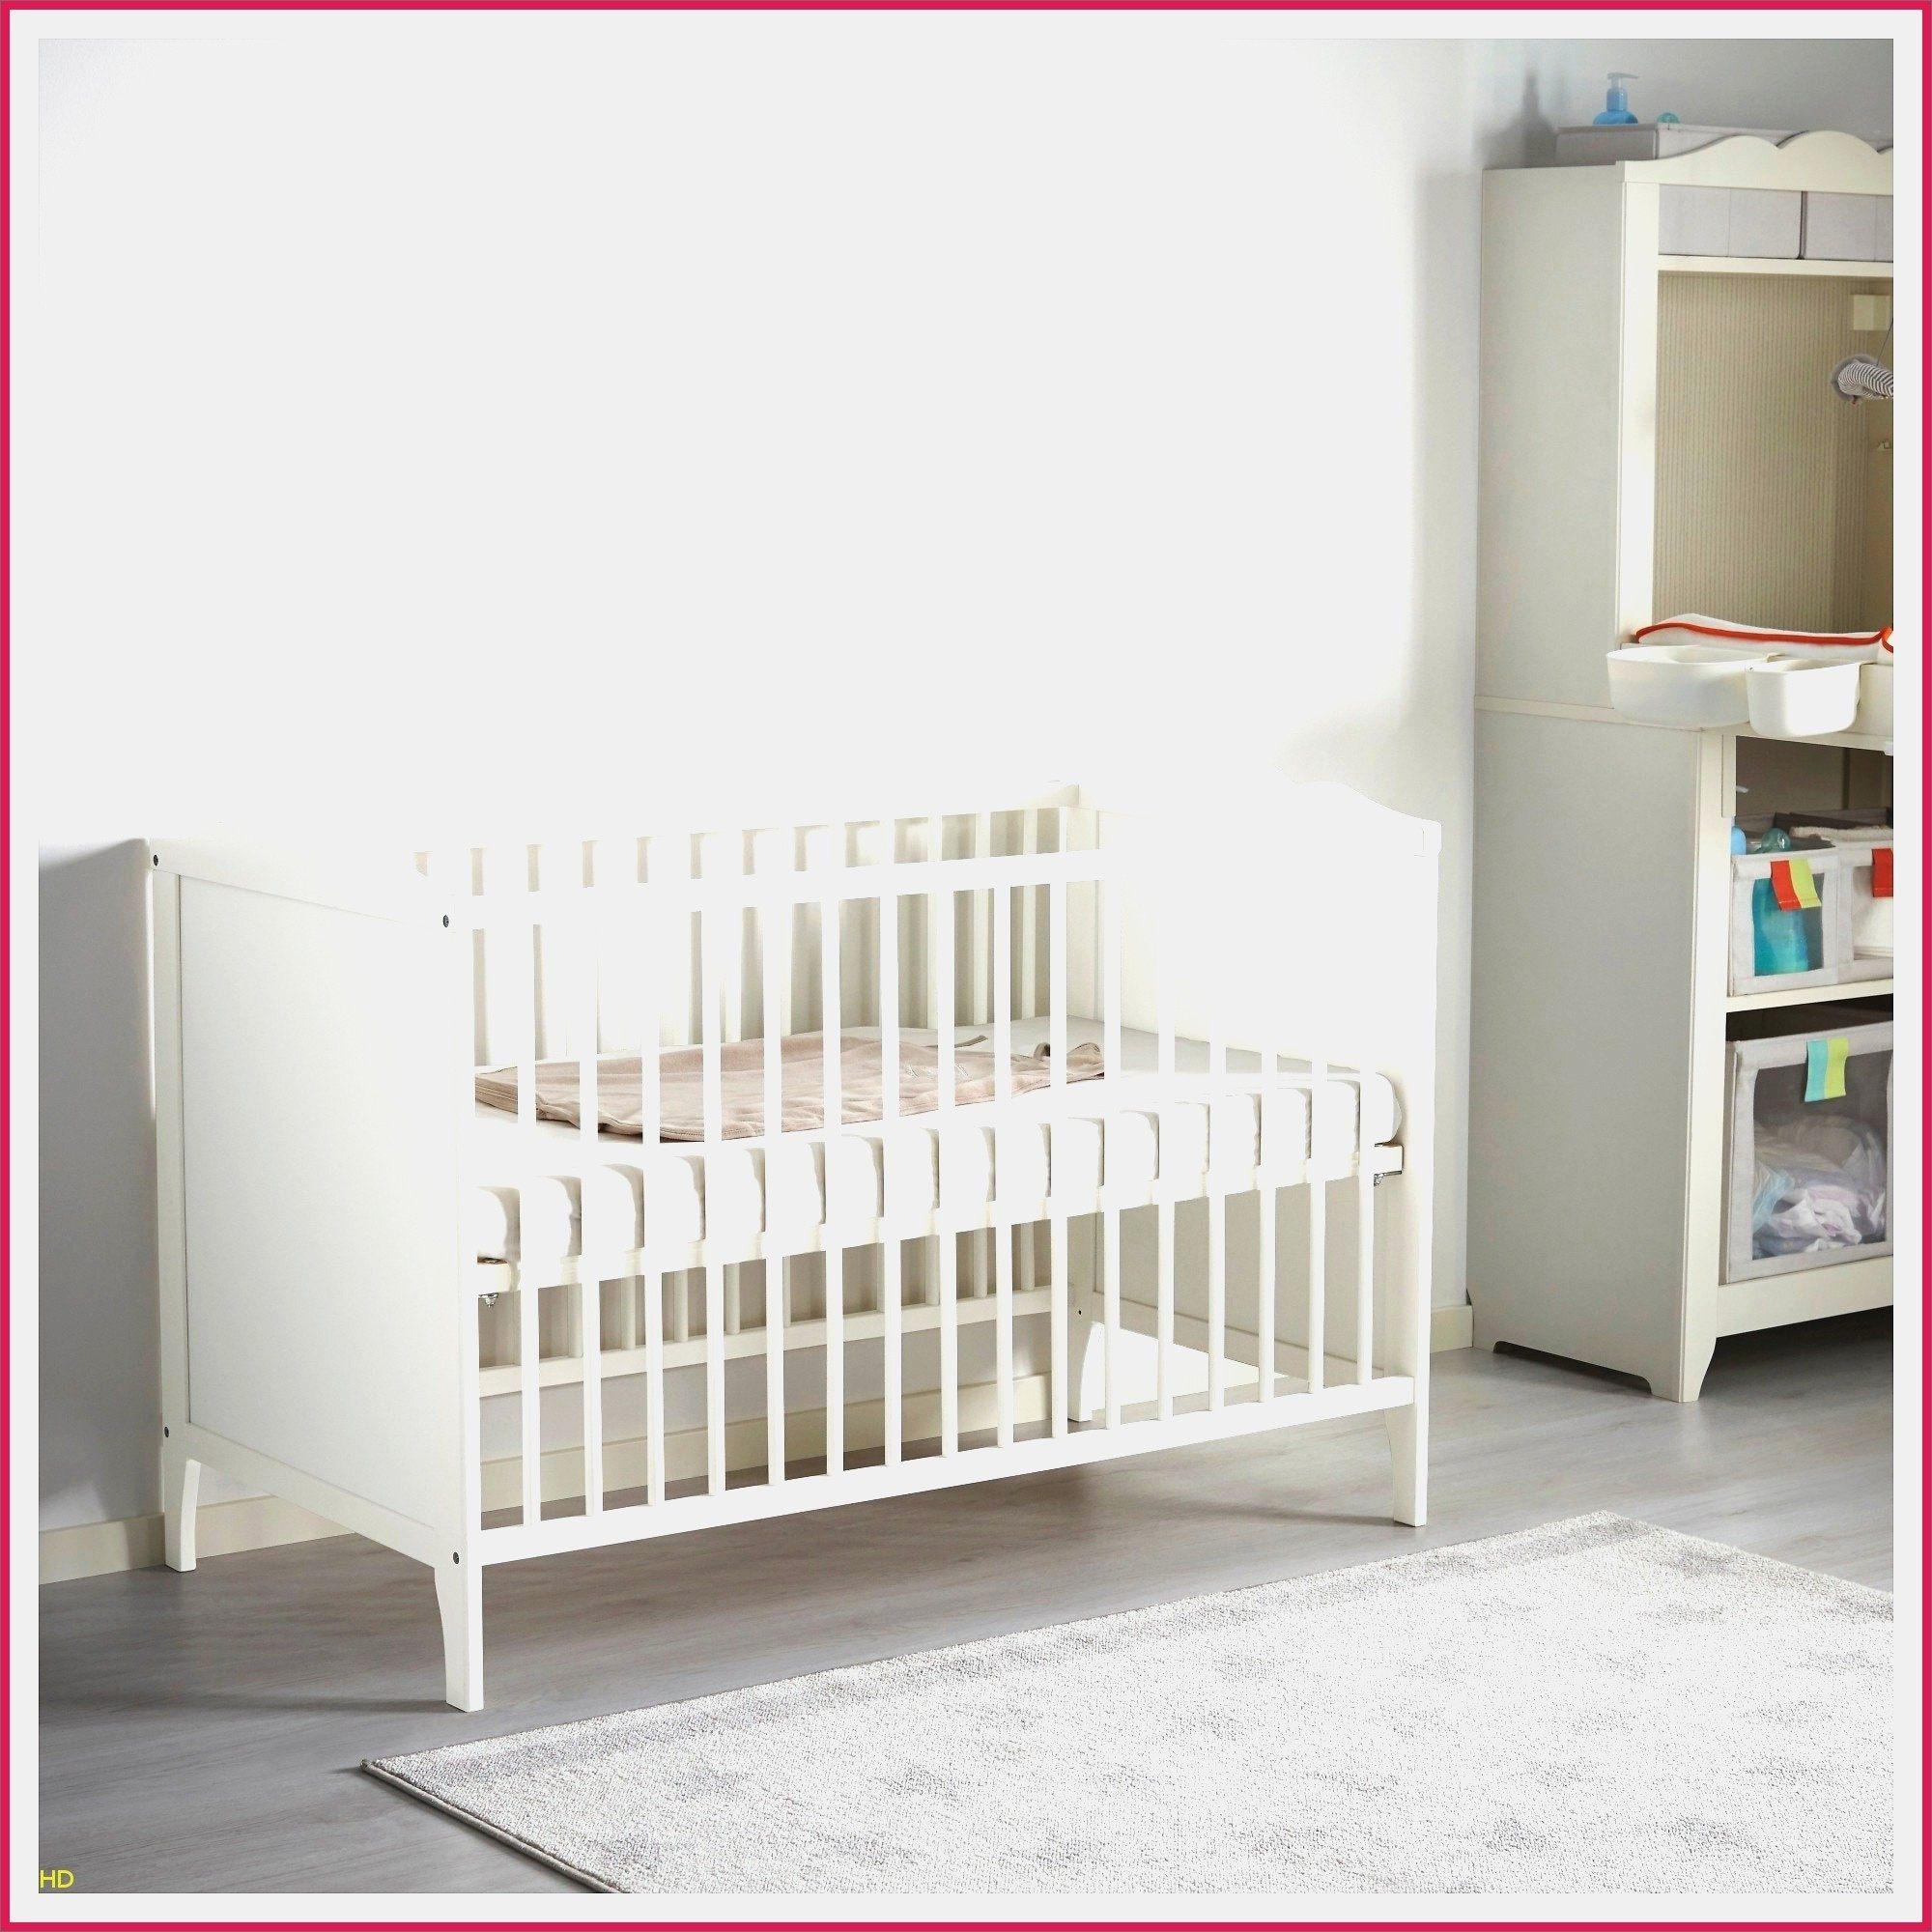 Matelas Lit Bébé Impressionnant Meilleure Baignoire Bébé Meuble Bebe Impressionnant Parc B C3 A9b C3